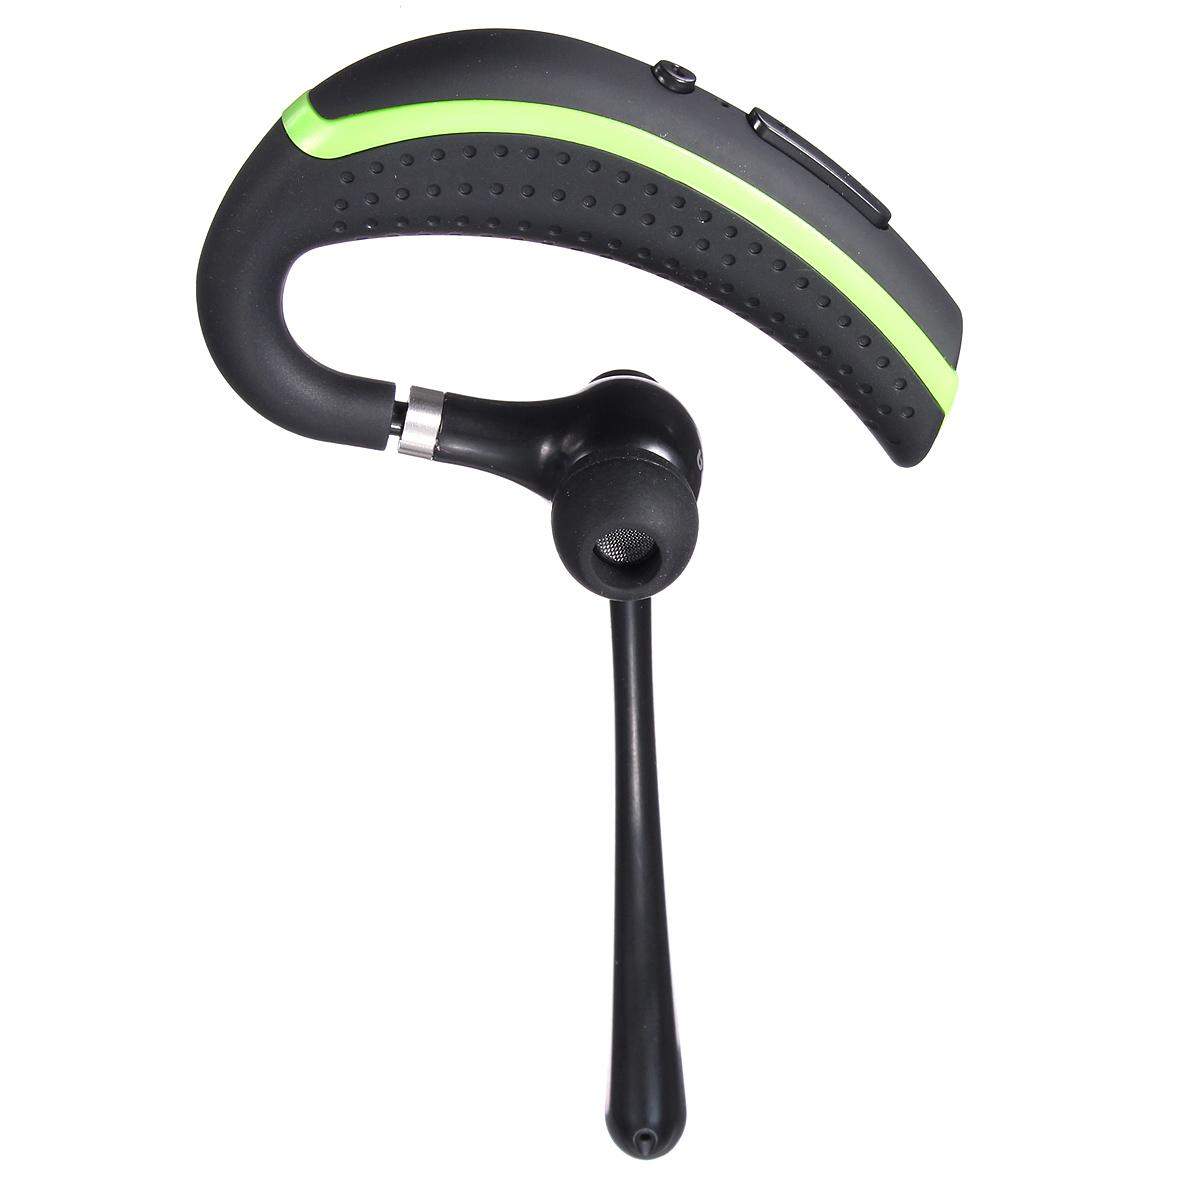 ... Auriculares Inalámbrico Bluetooth 4.1 Estéreo williamhill vs tipico Manos Libre Para